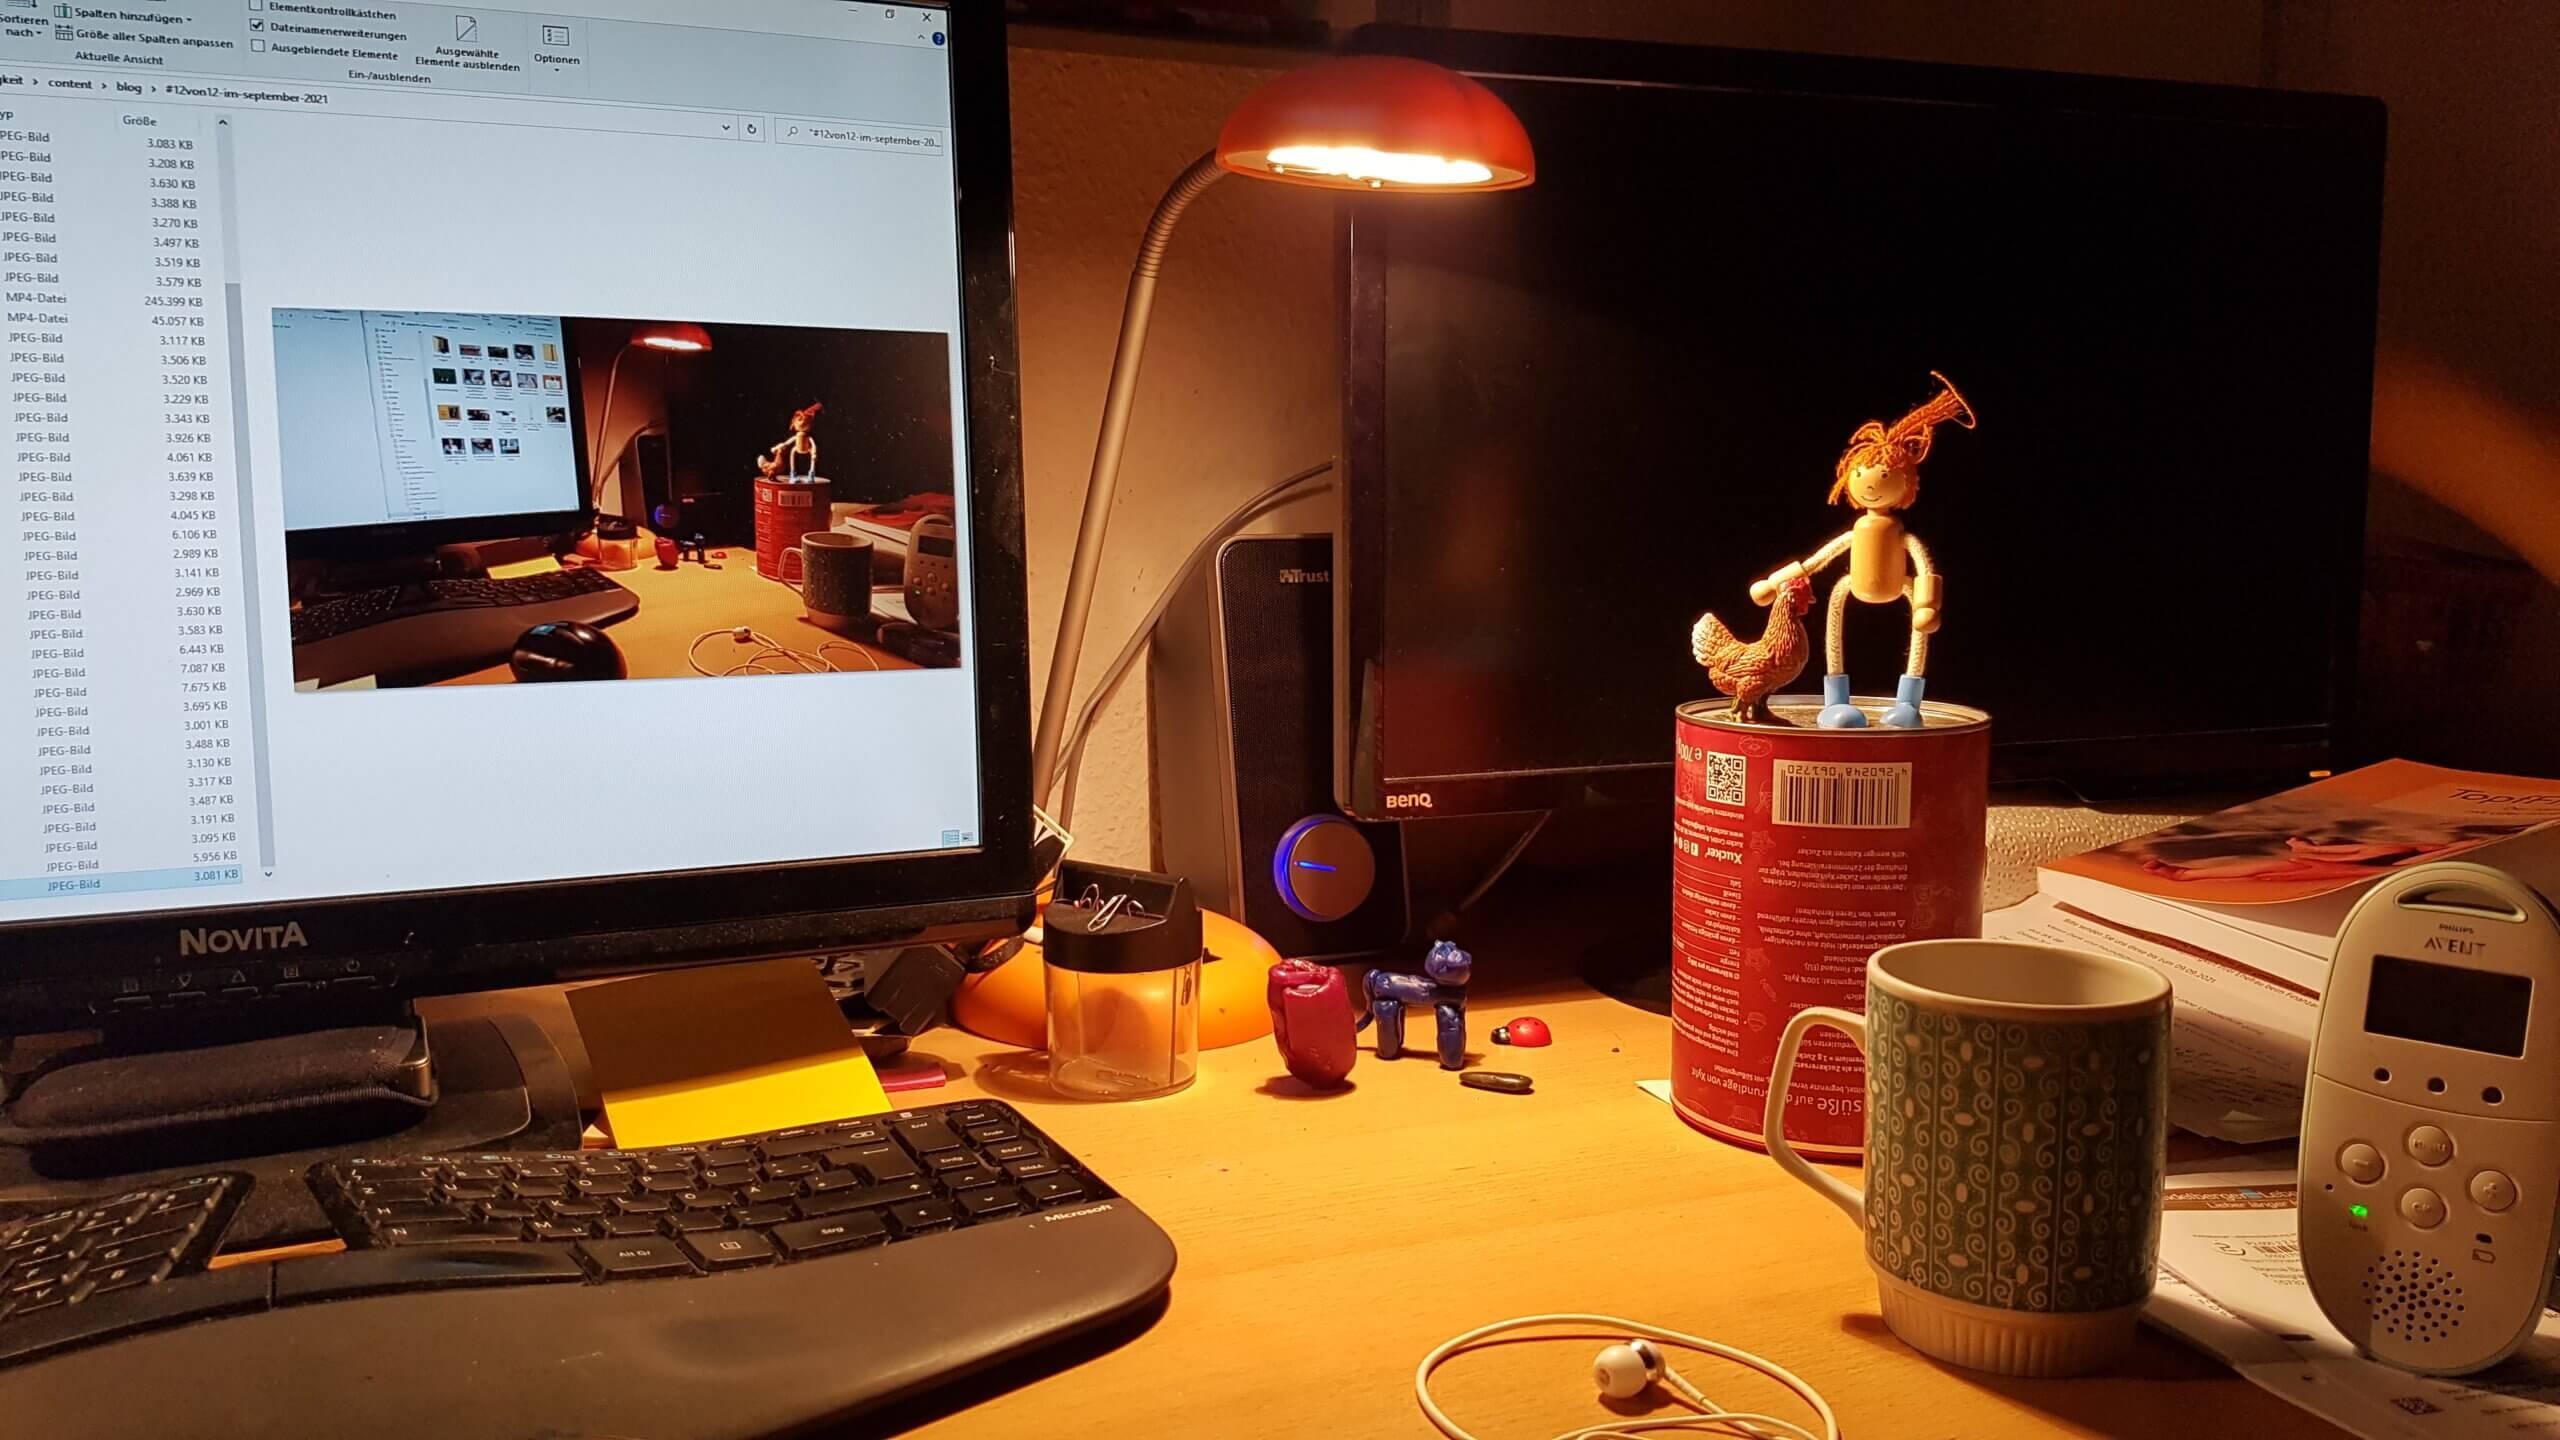 Blick auf Computer Monitor mit Schreibtischlampe, Biegepuppe, Teetasse und Babyphone.